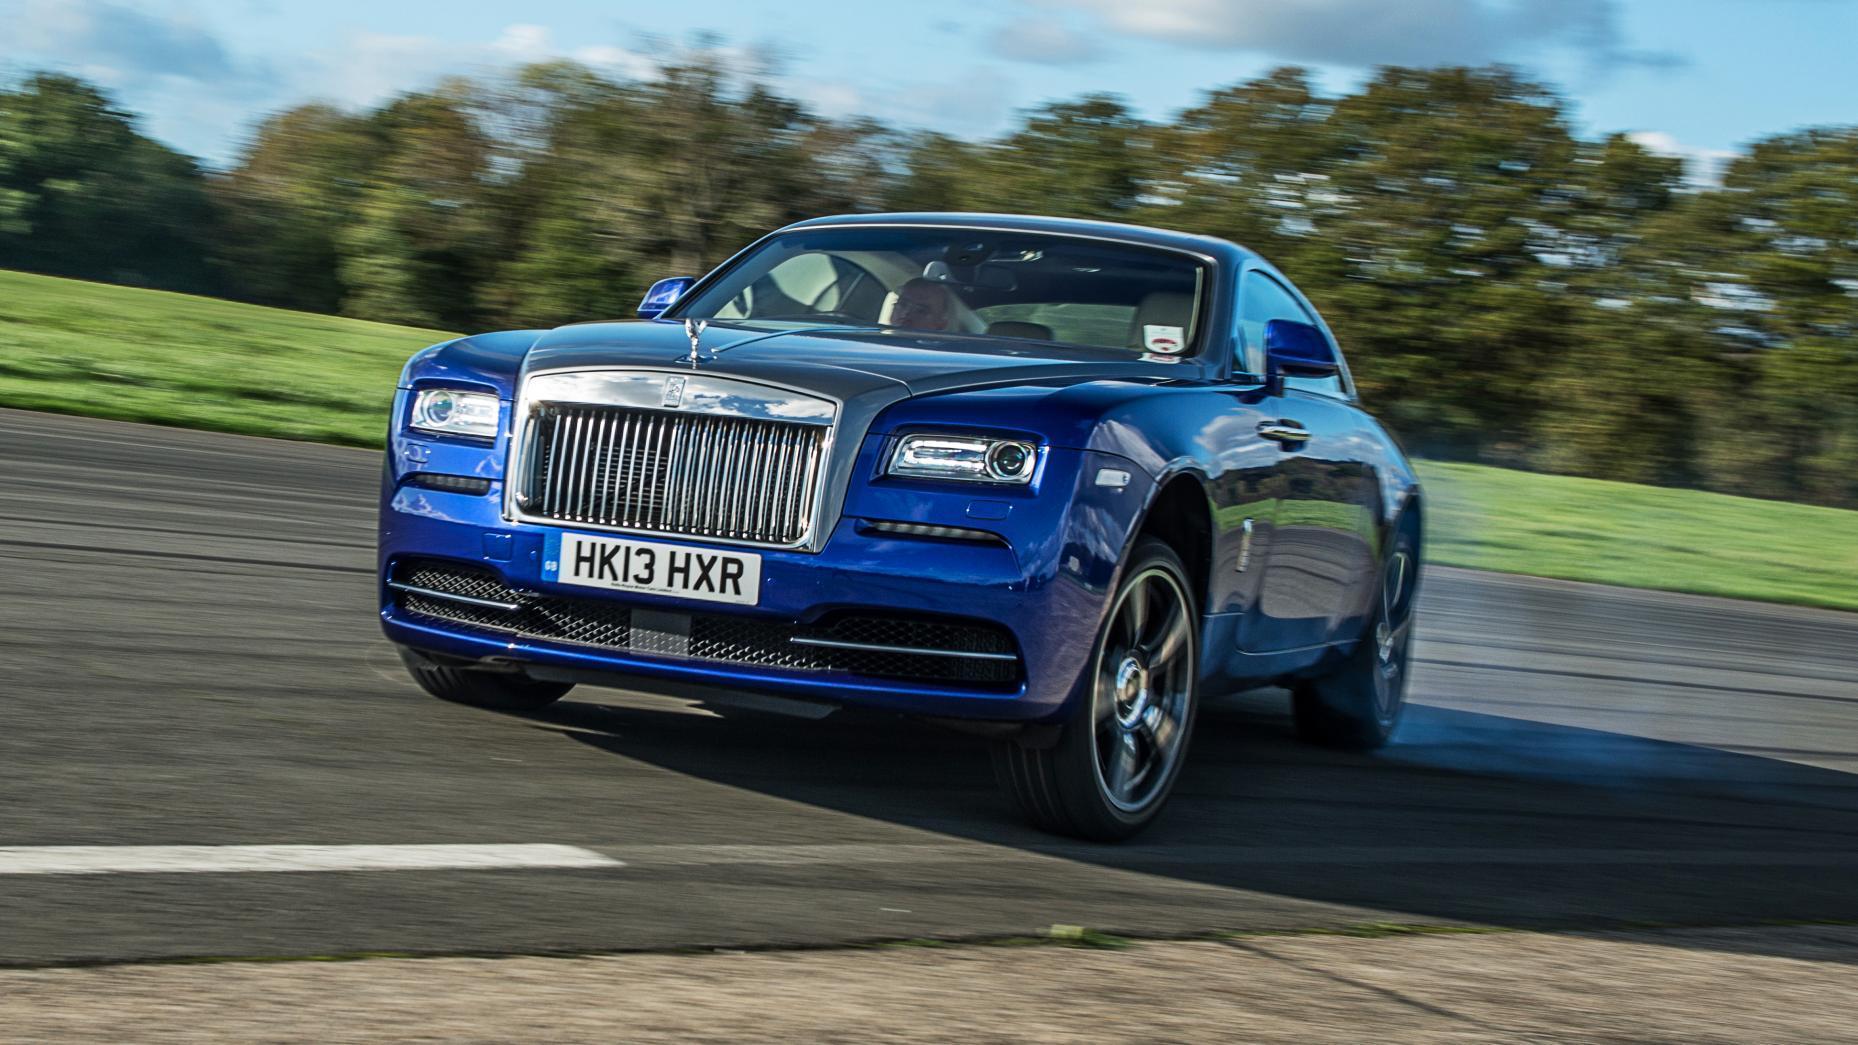 Rolls-Royce Wraith Drift